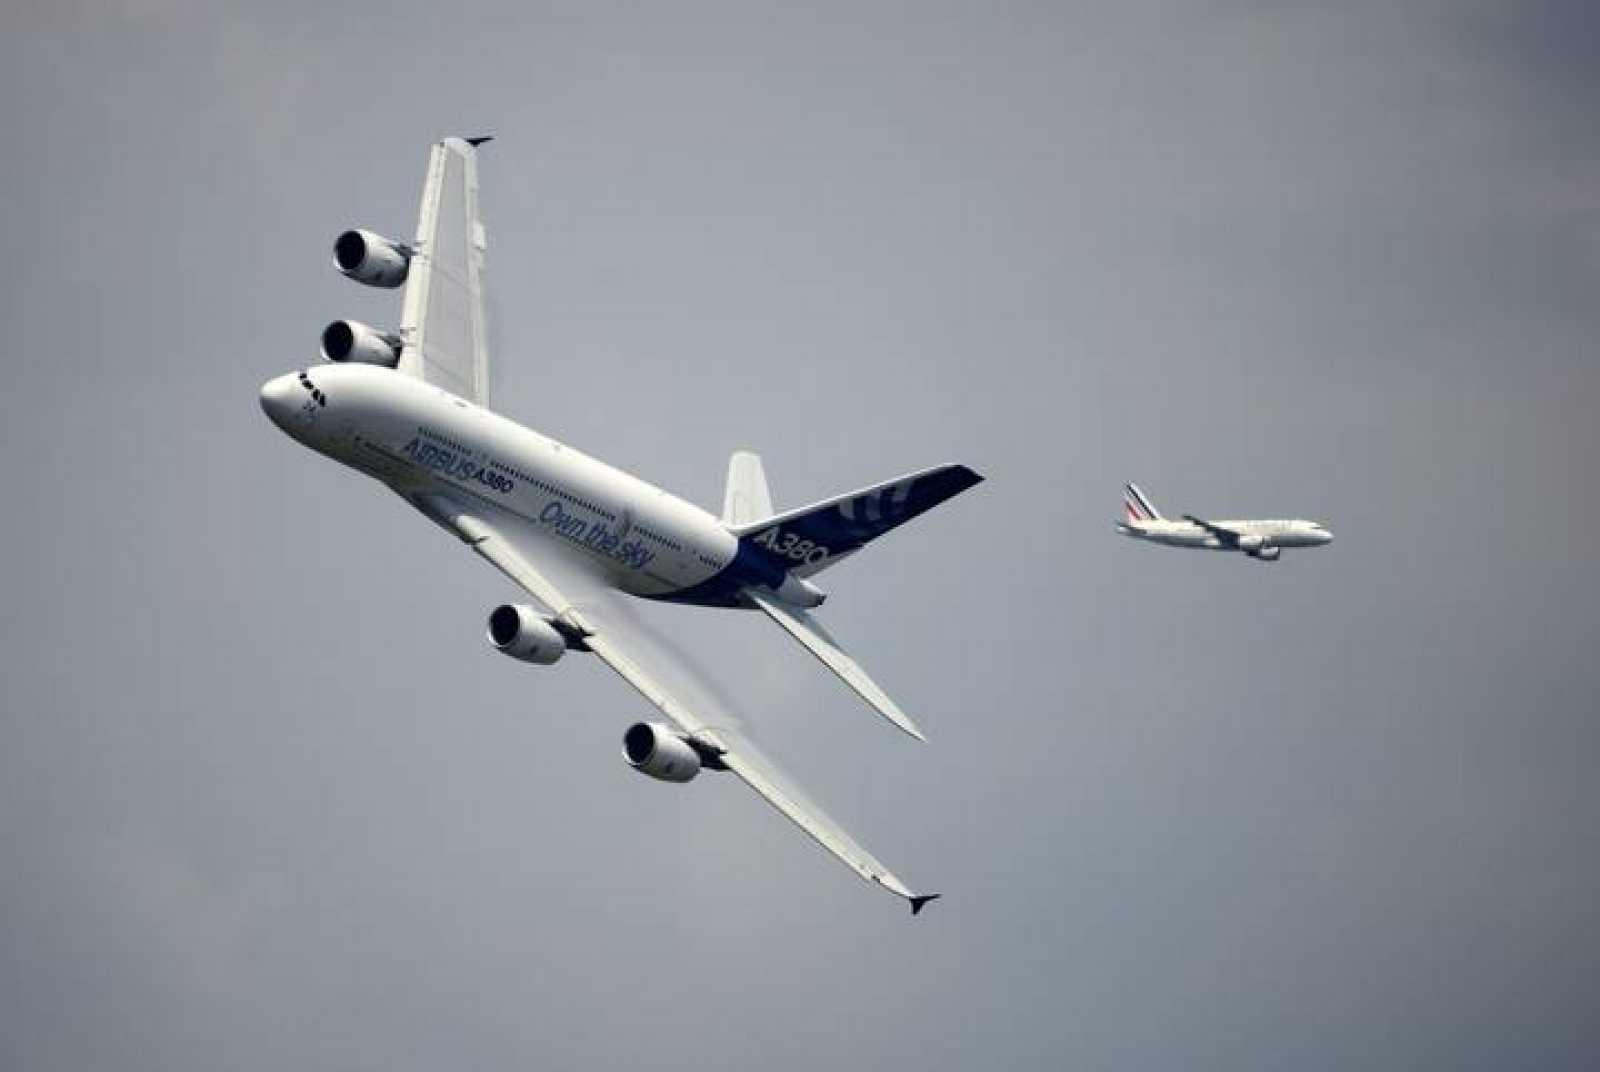 Un Airbus A380 vuela sobre el aeropuerto de Le Bourget en la jornada inaugural del Salón Aeronáutico Internacional de París